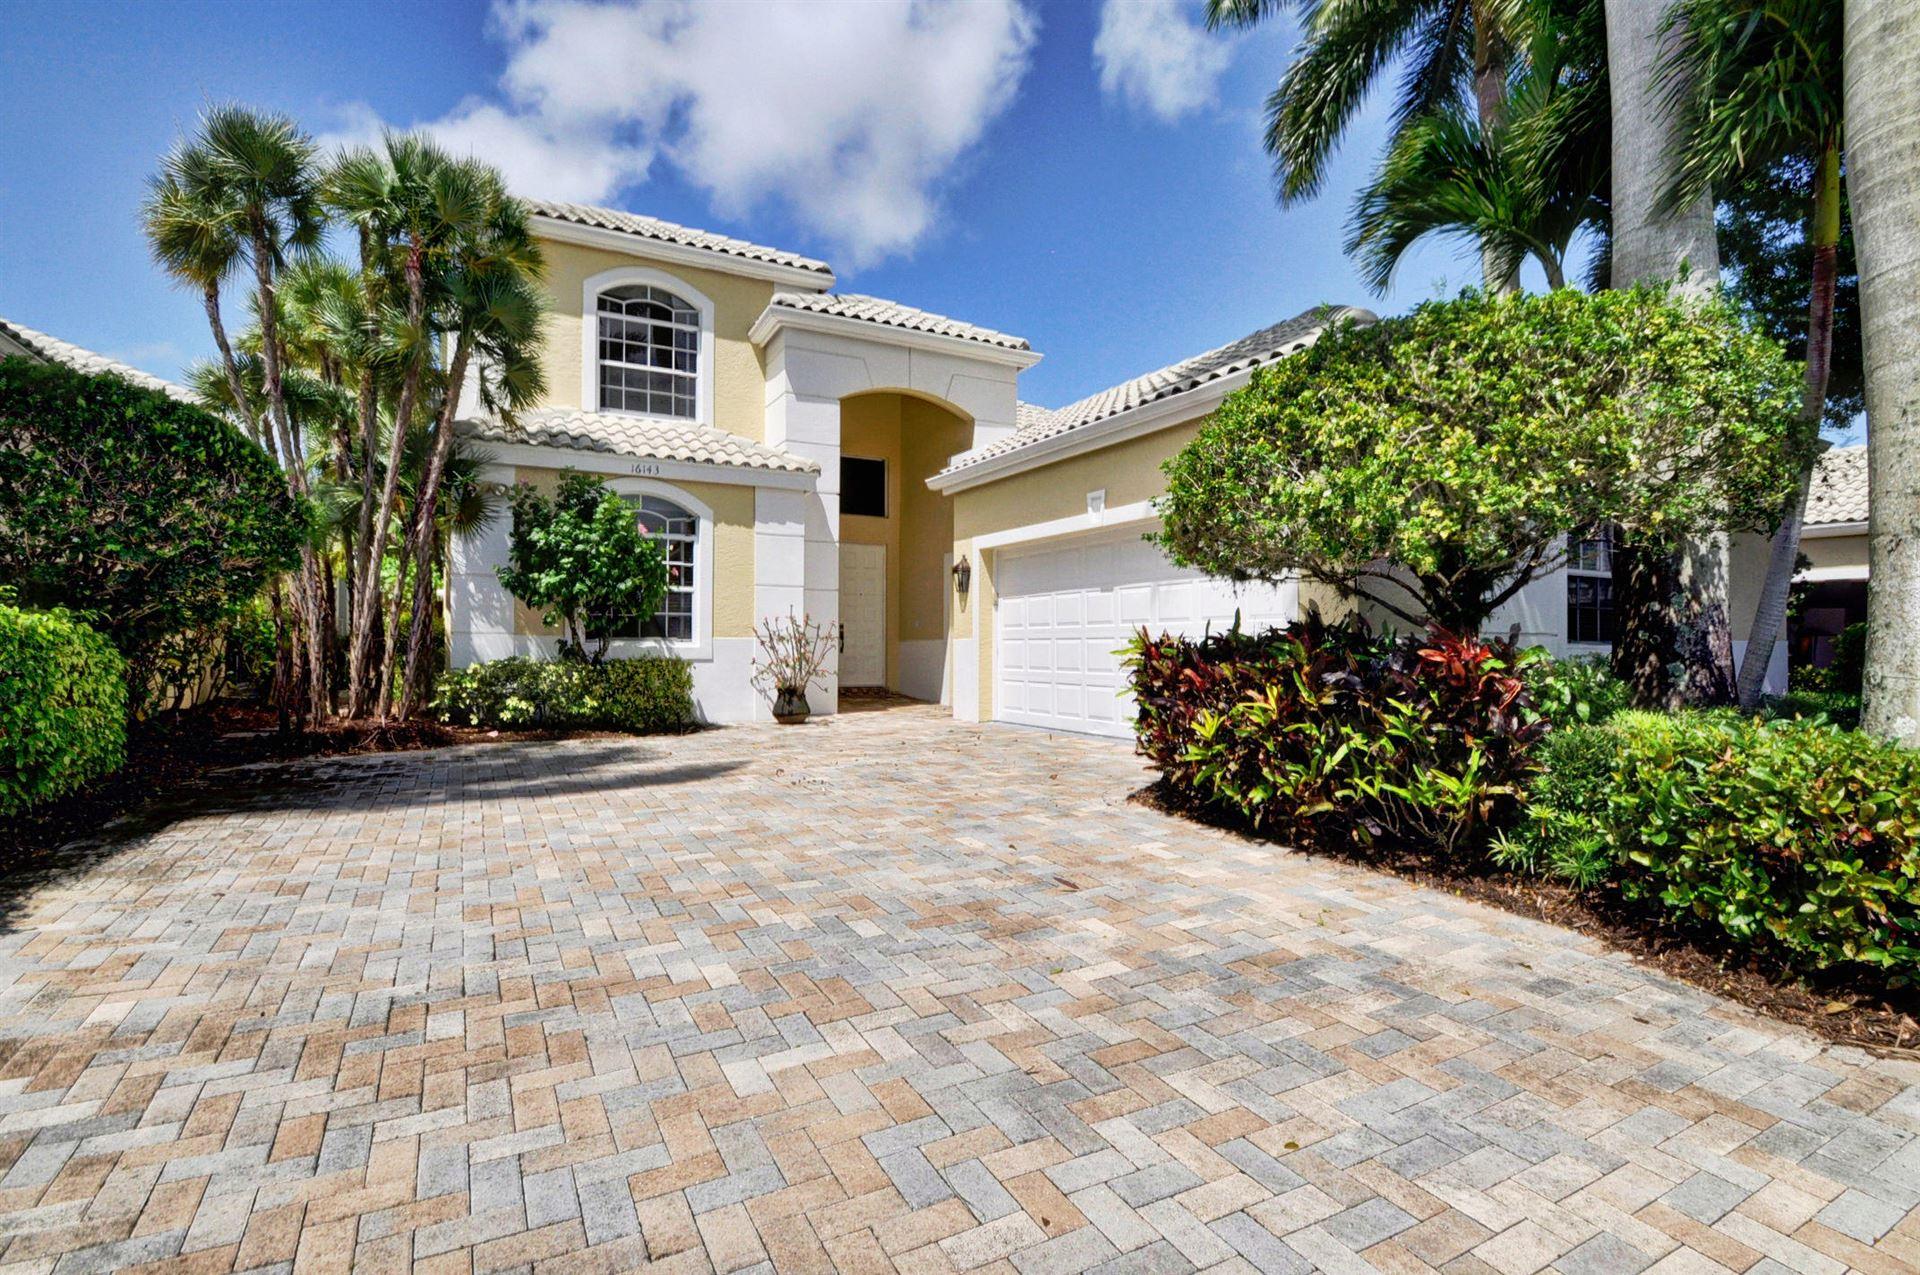 16143 Villa Vizcaya Place, Delray Beach, FL 33446 - #: RX-10557089